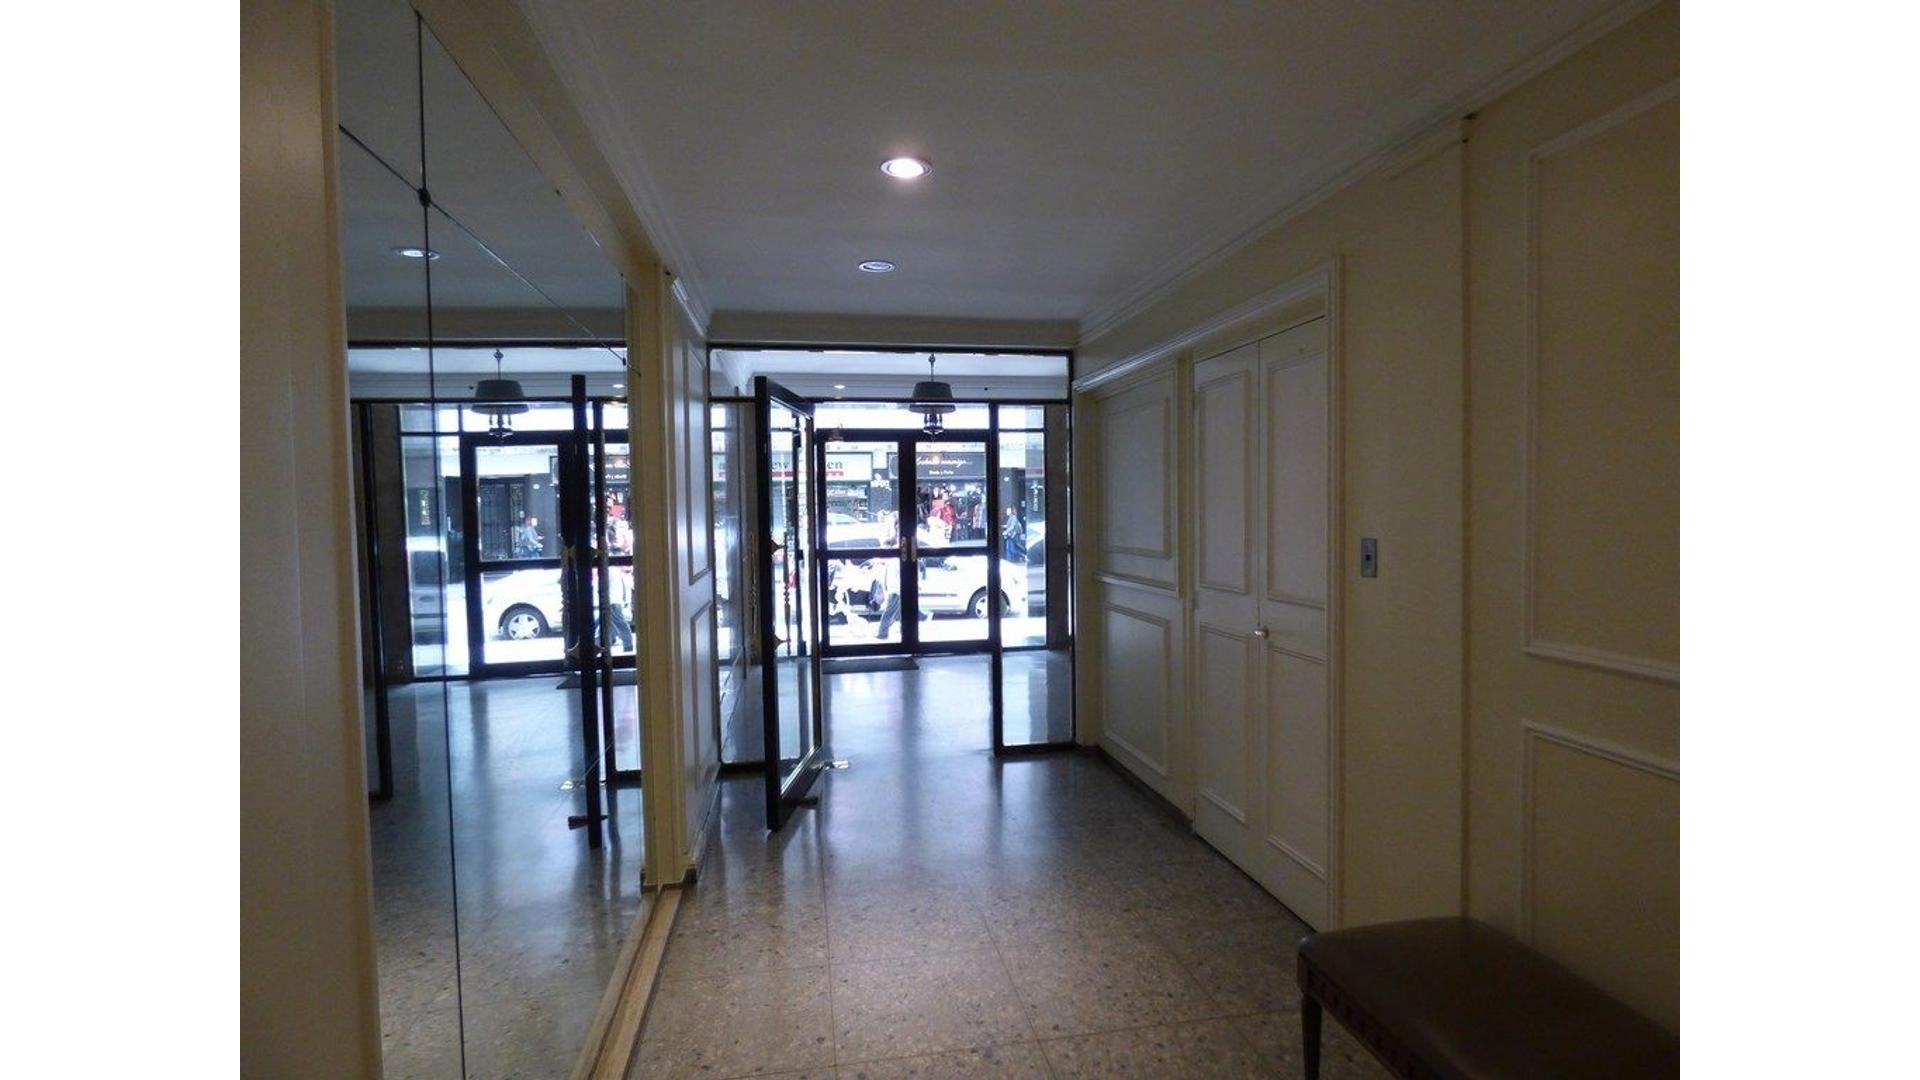 Departamento  en Venta ubicado en Barrio Norte, Capital Federal - LAR1438_LP123996_2